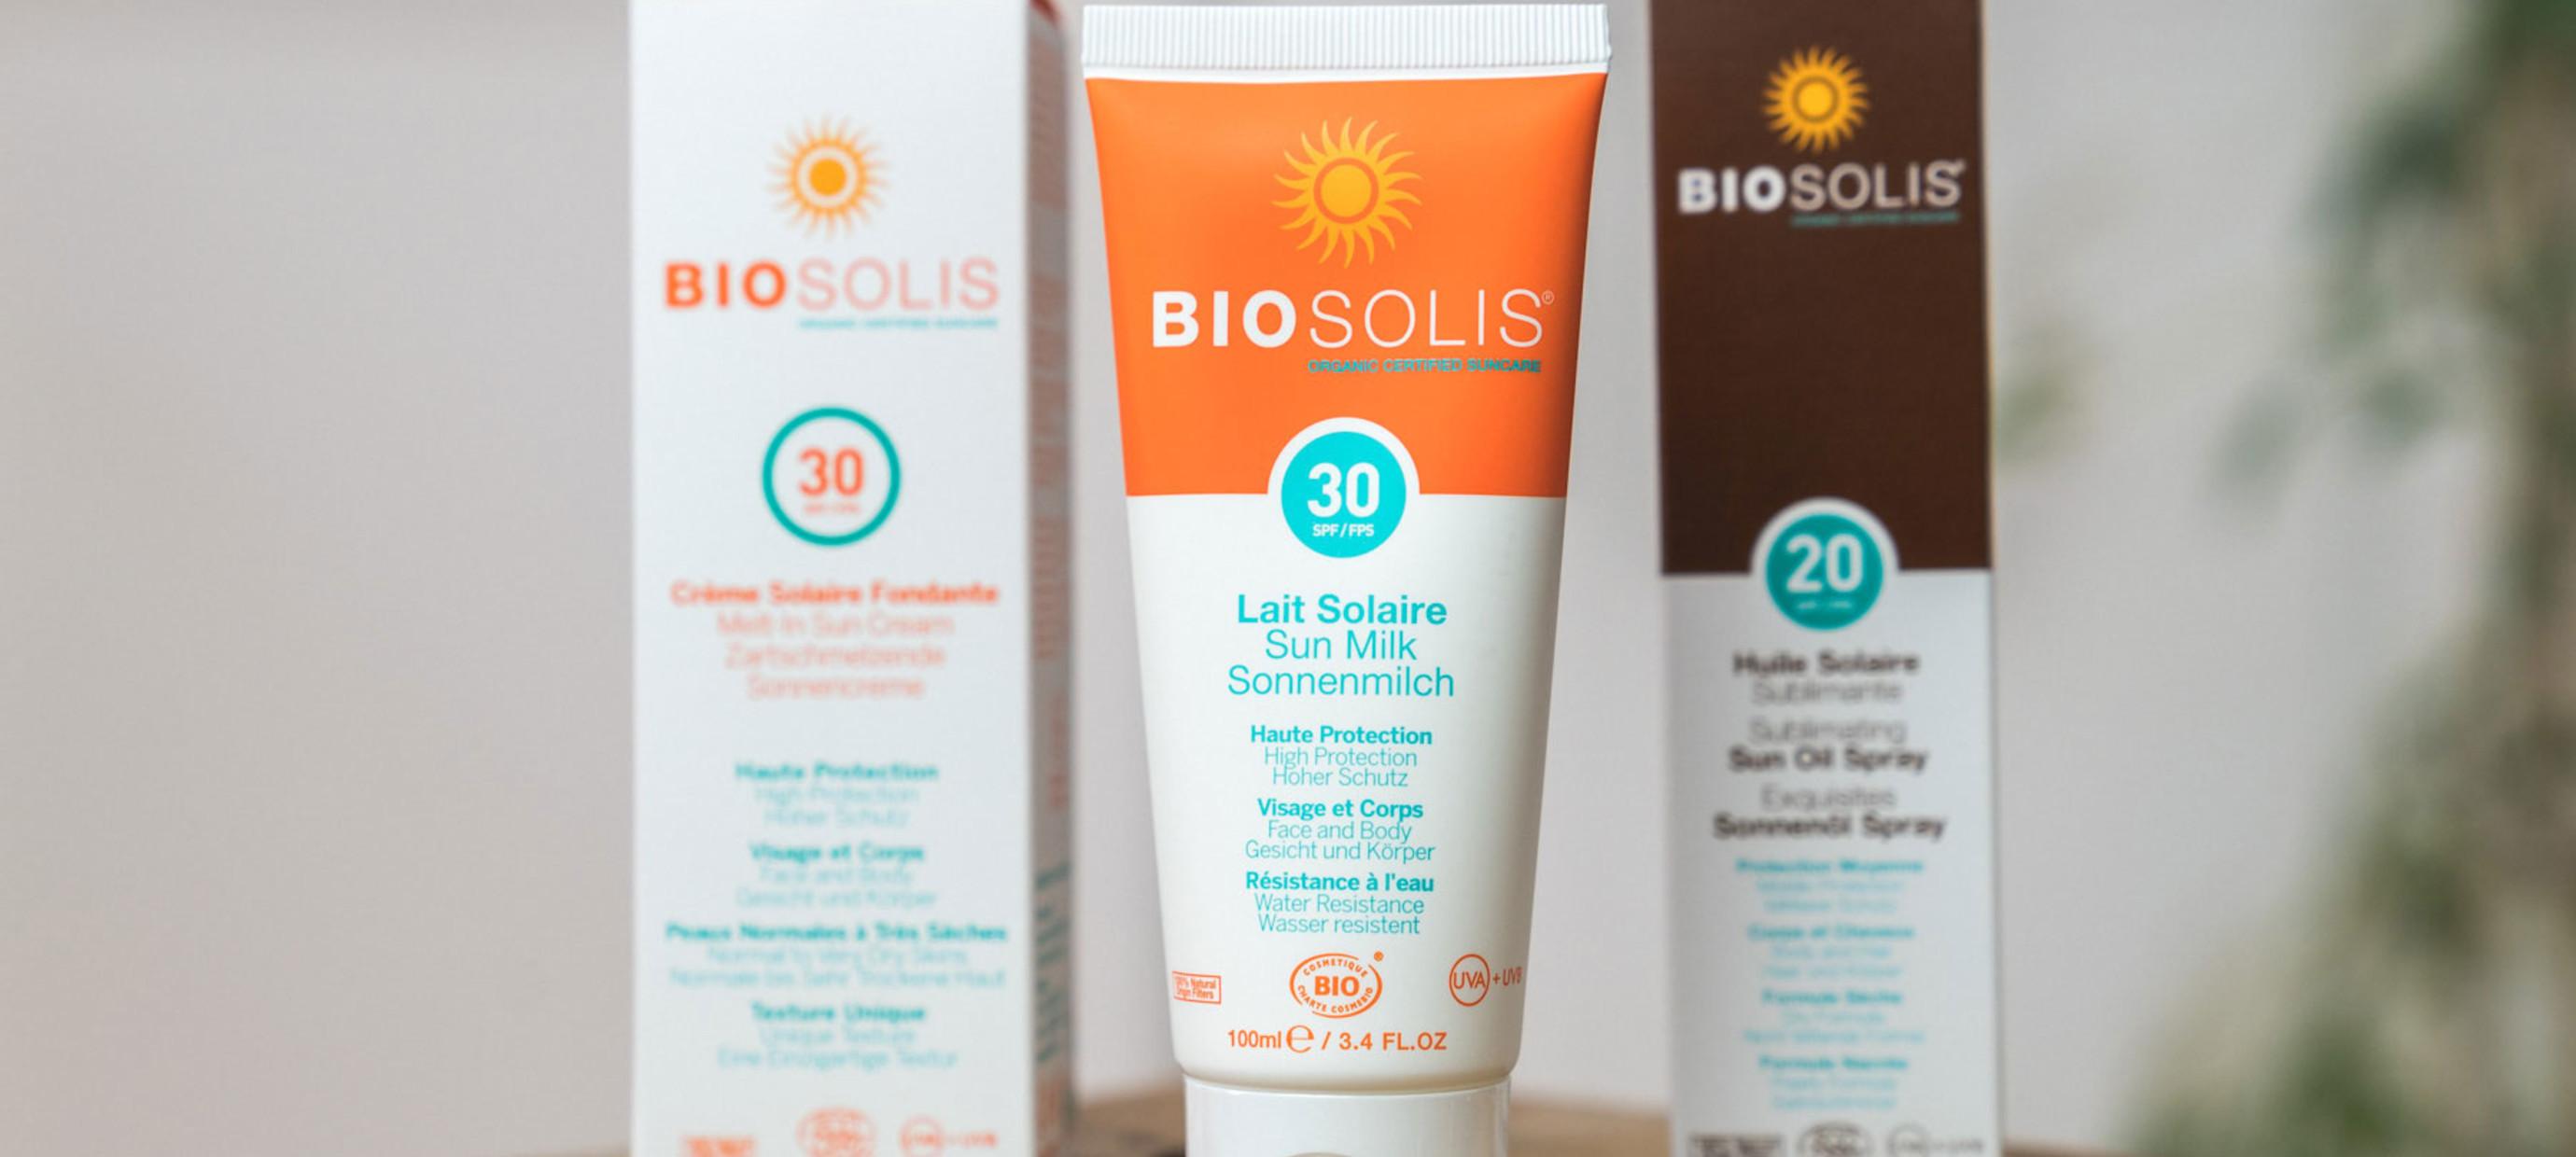 Biosolis - nachhaltiger Sonnenschutz!